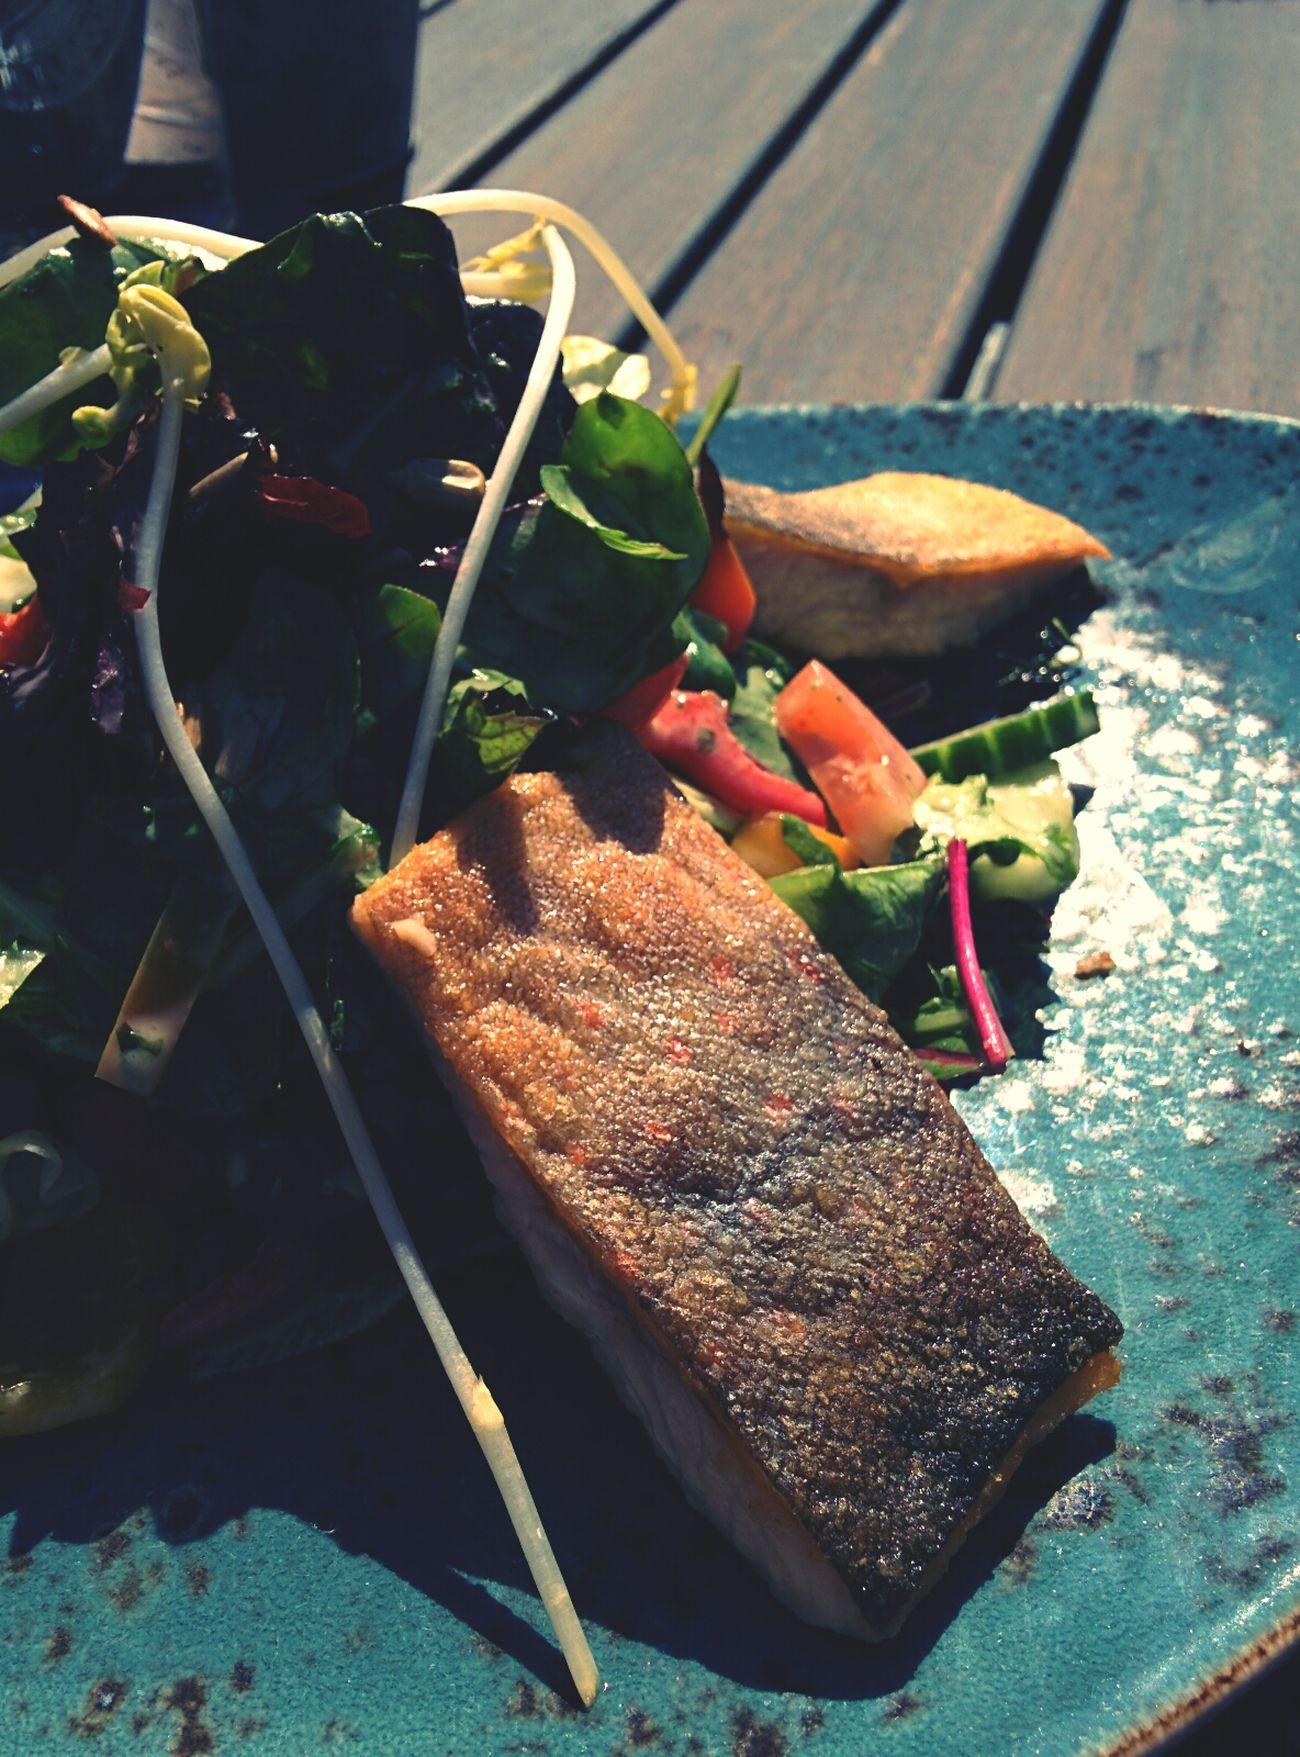 Getüpfelter Seesaibling als Freitagsfisch!